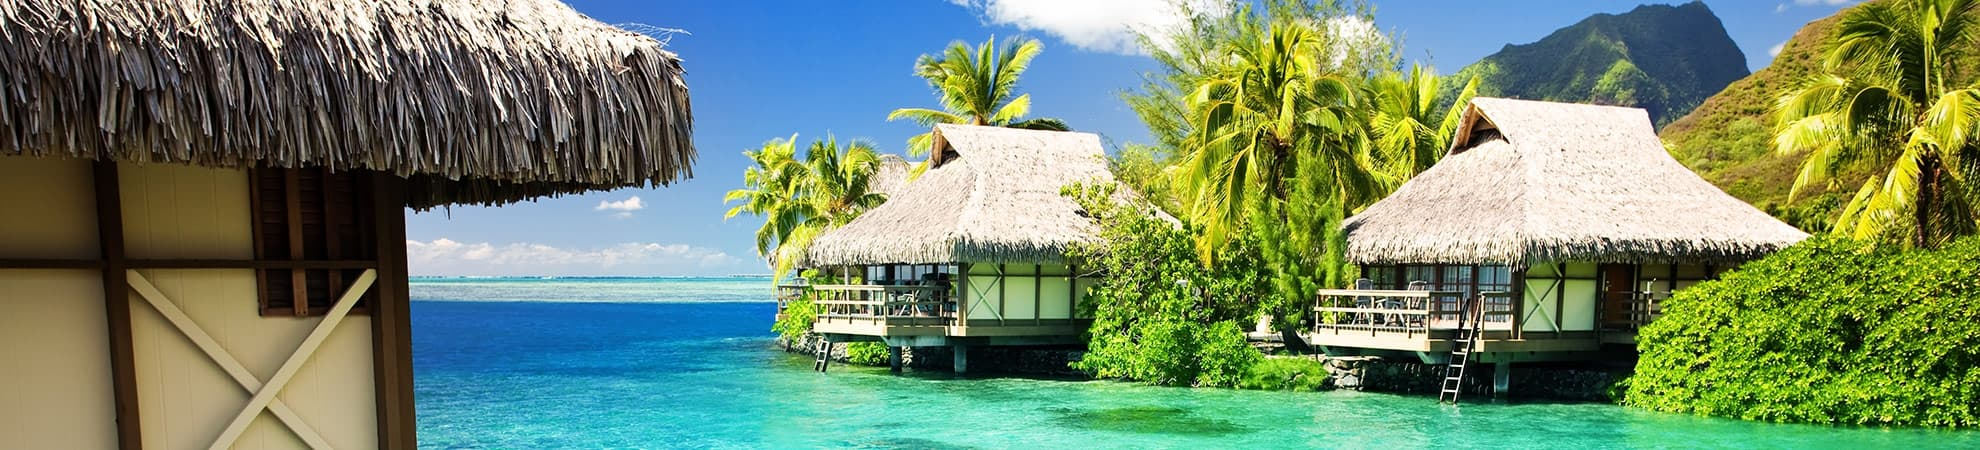 Tous nos voyages aux Maldives